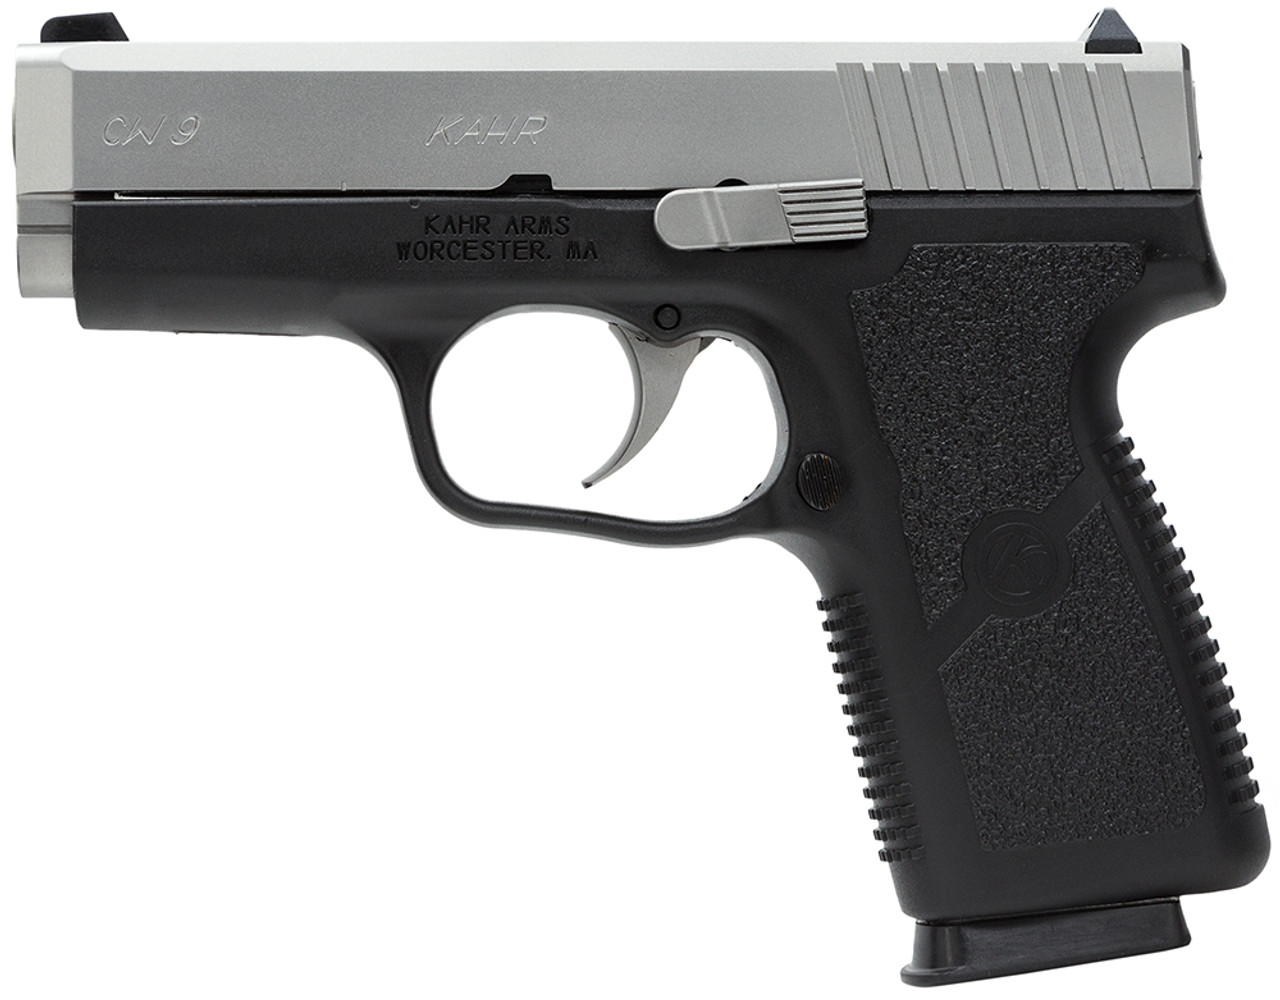 Kahr CW9 CALIFORNIA LEGAL - 9mm